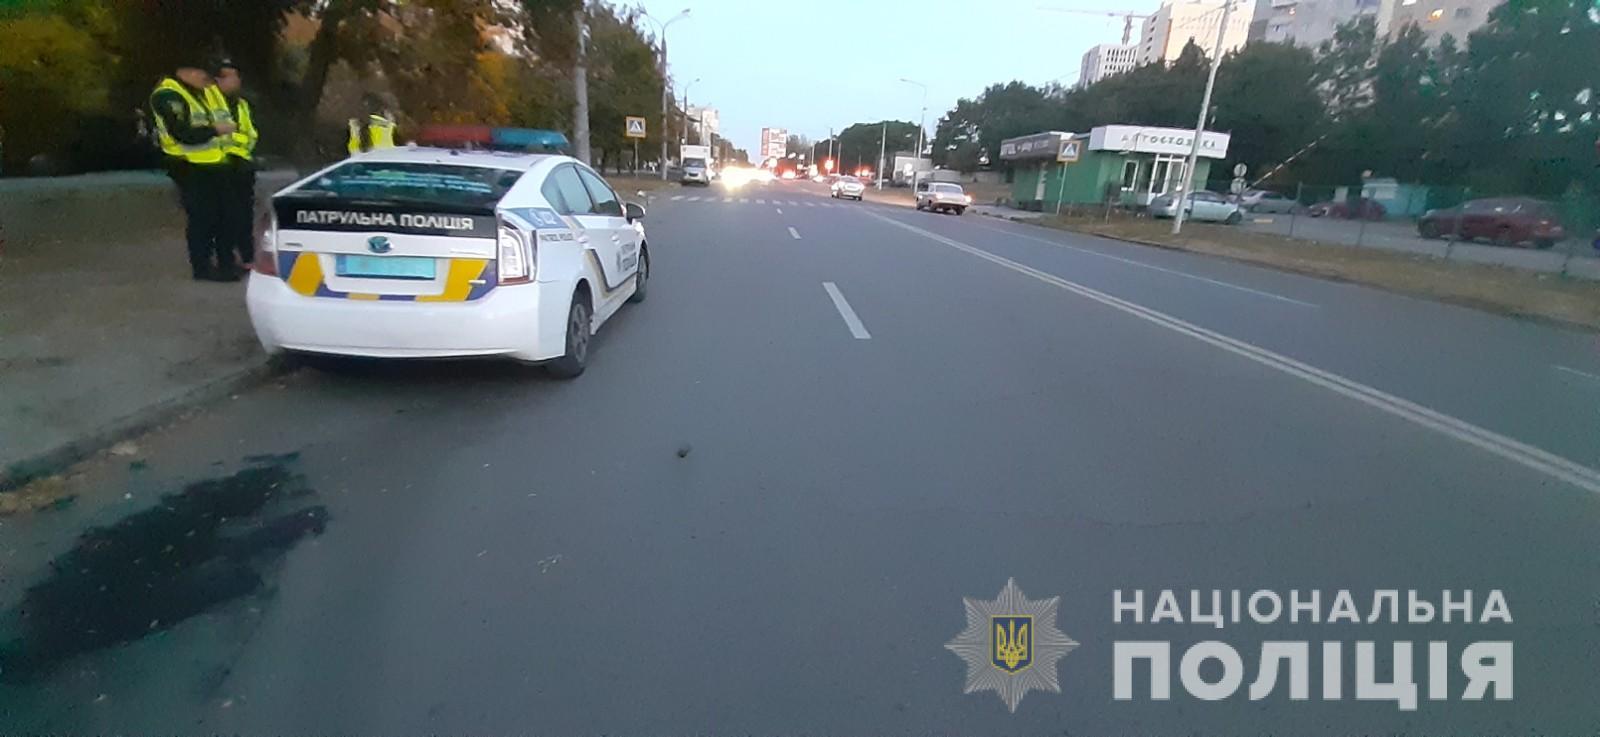 В Харькове водитель сбил 8-летнего мальчика и скрылся